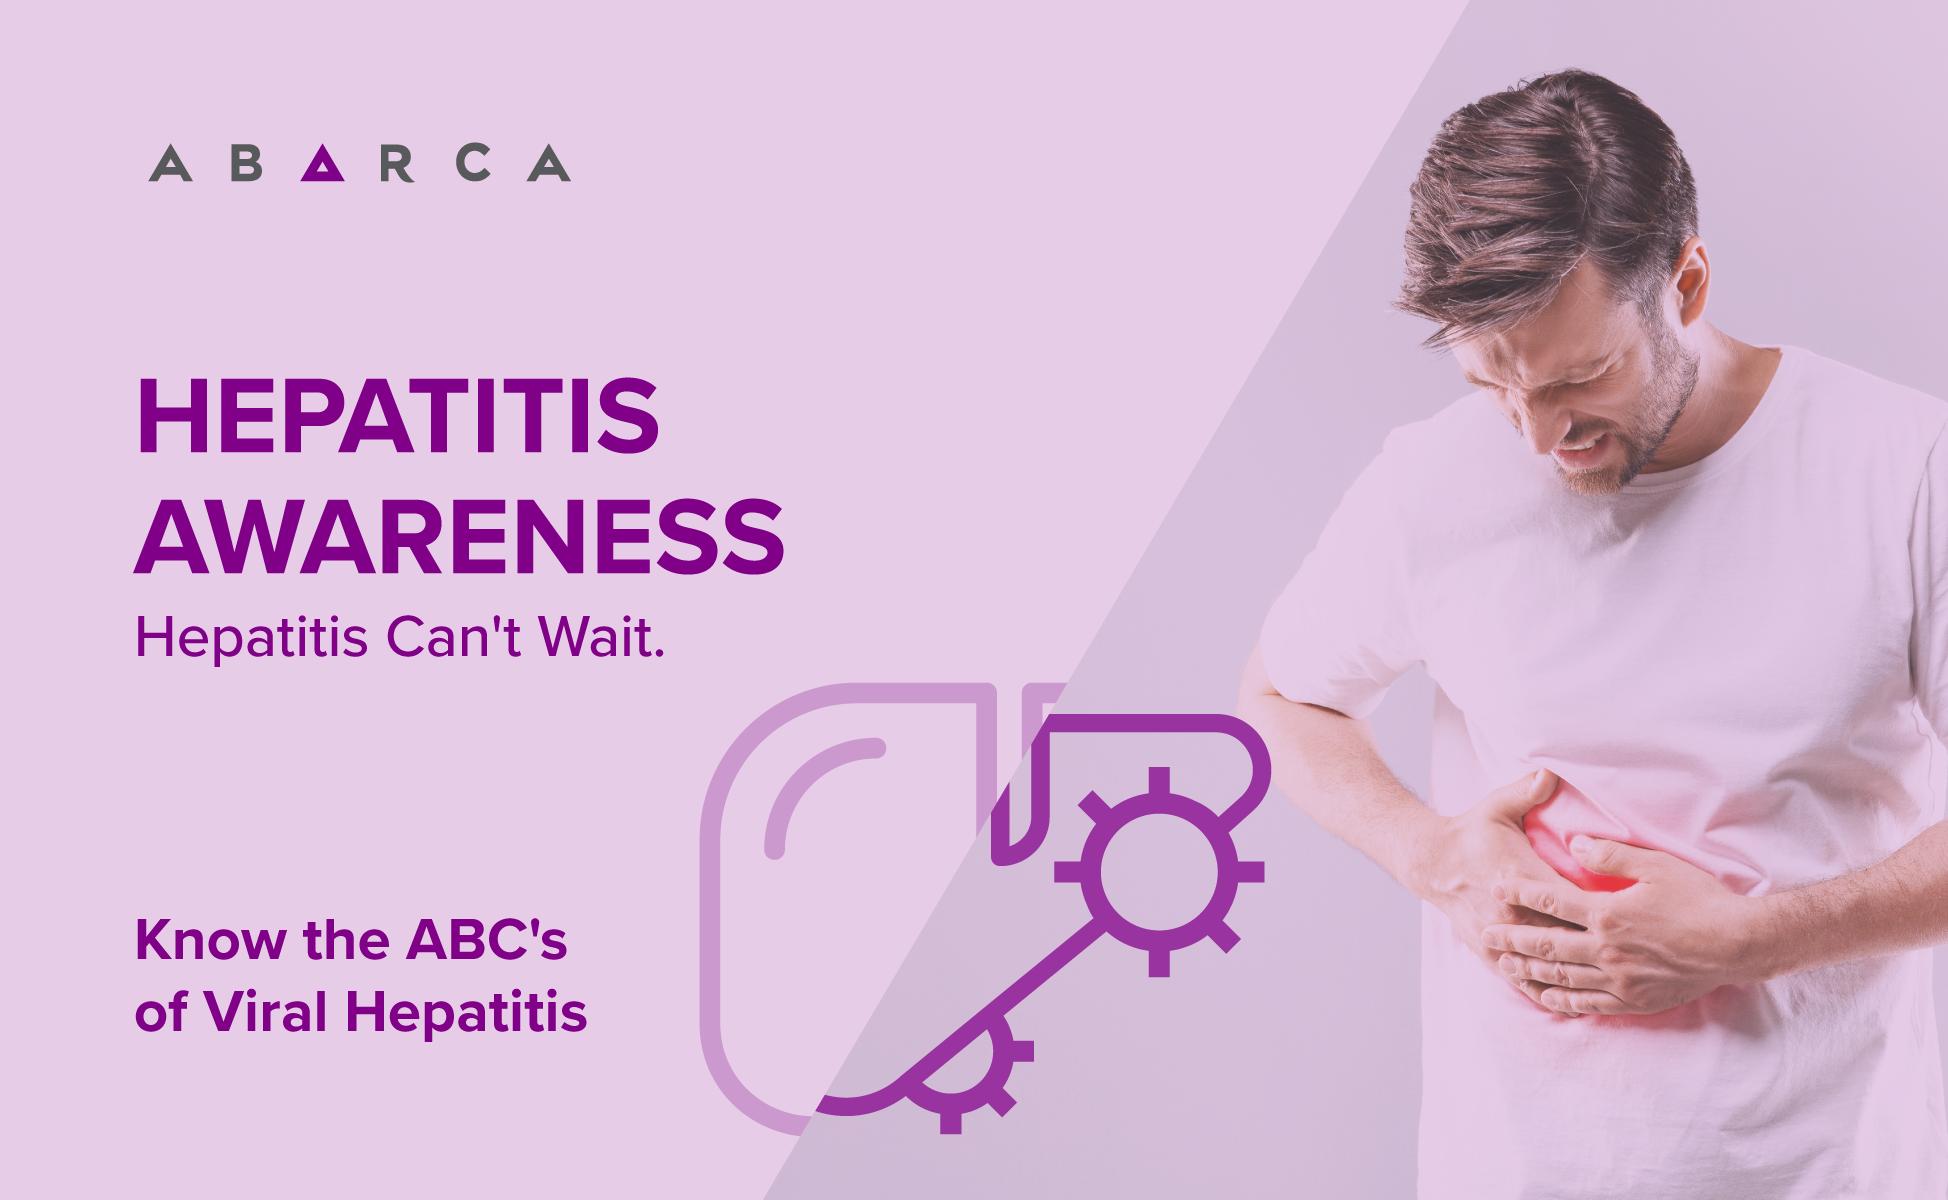 Abarca brings Awareness to Viral Hepatitis Awareness: Hepatitis Can't Wait